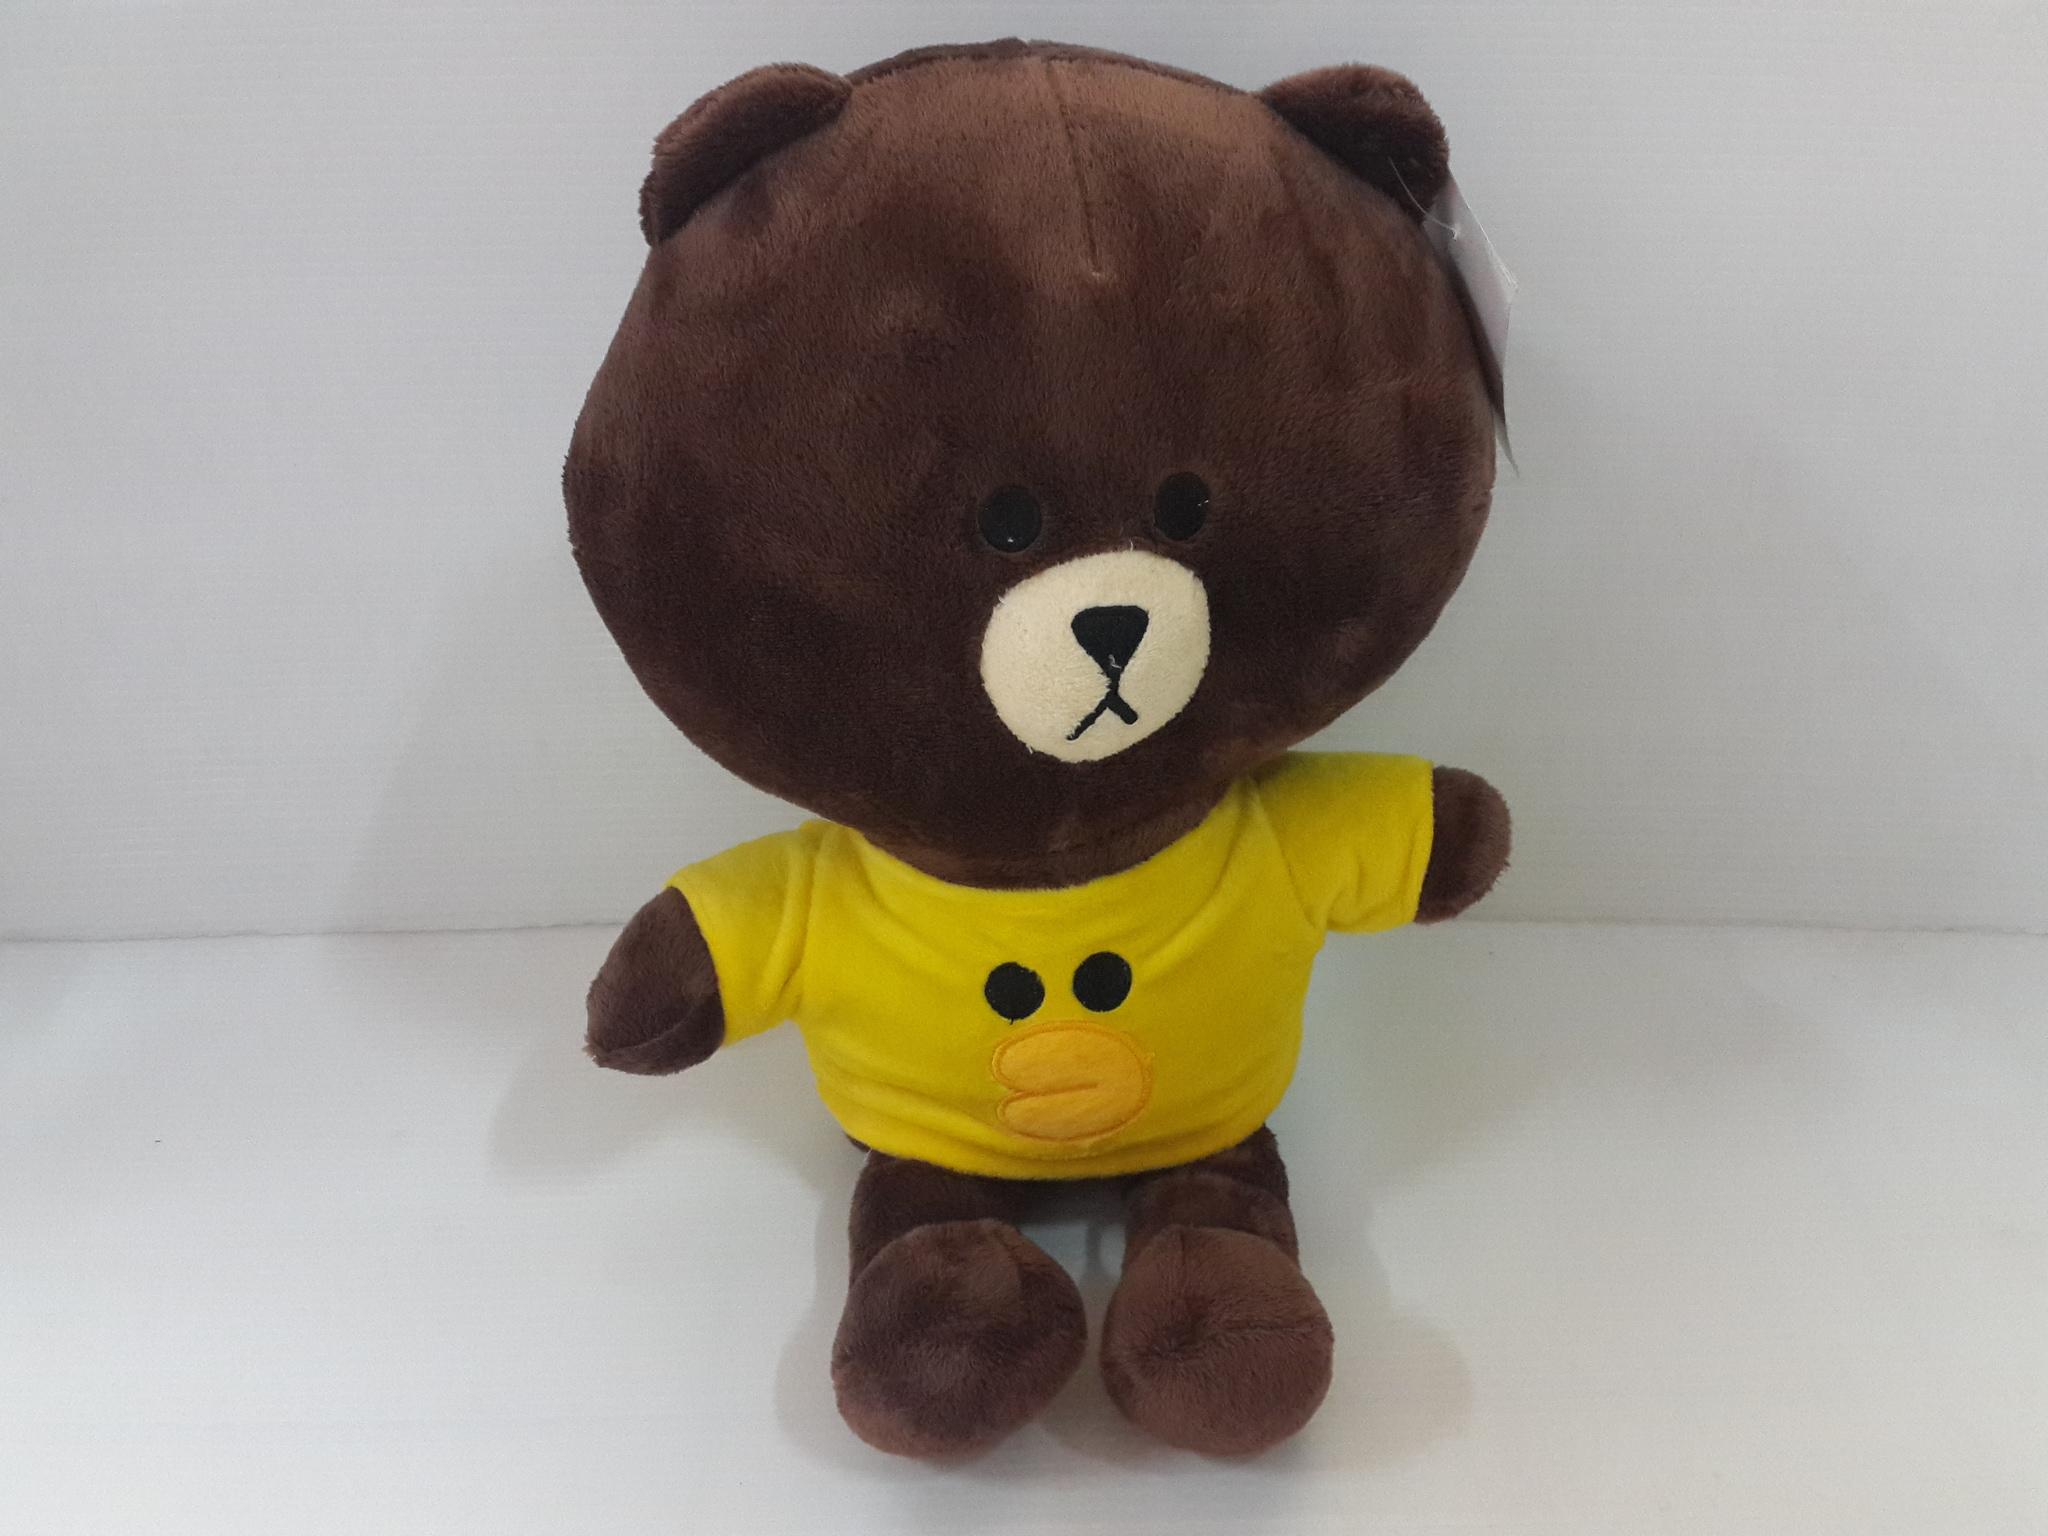 Boneka Bear Brown Line Kaos Sally Toys Collectibles Toys